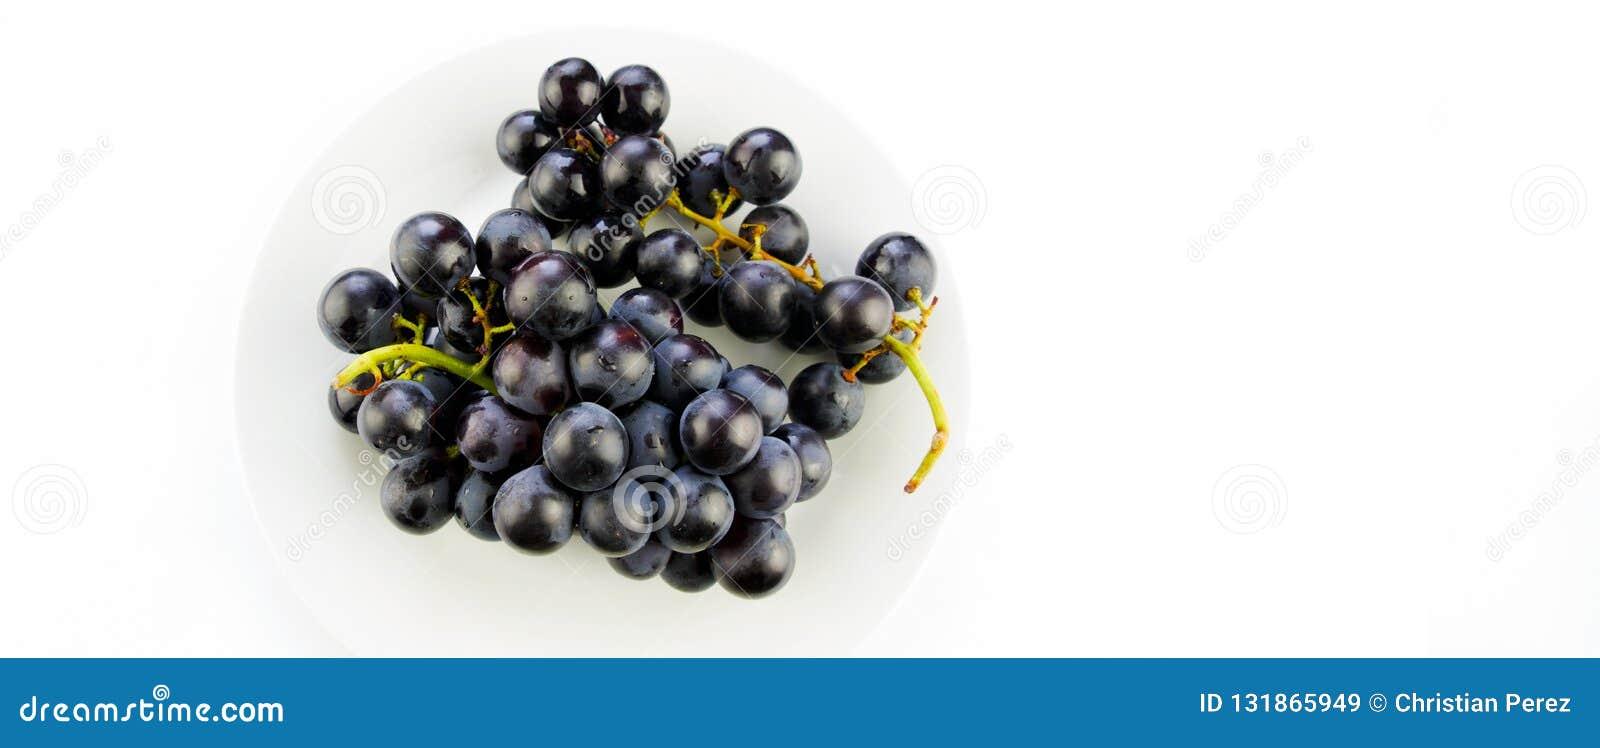 Tasty fresh black grape in a bowl